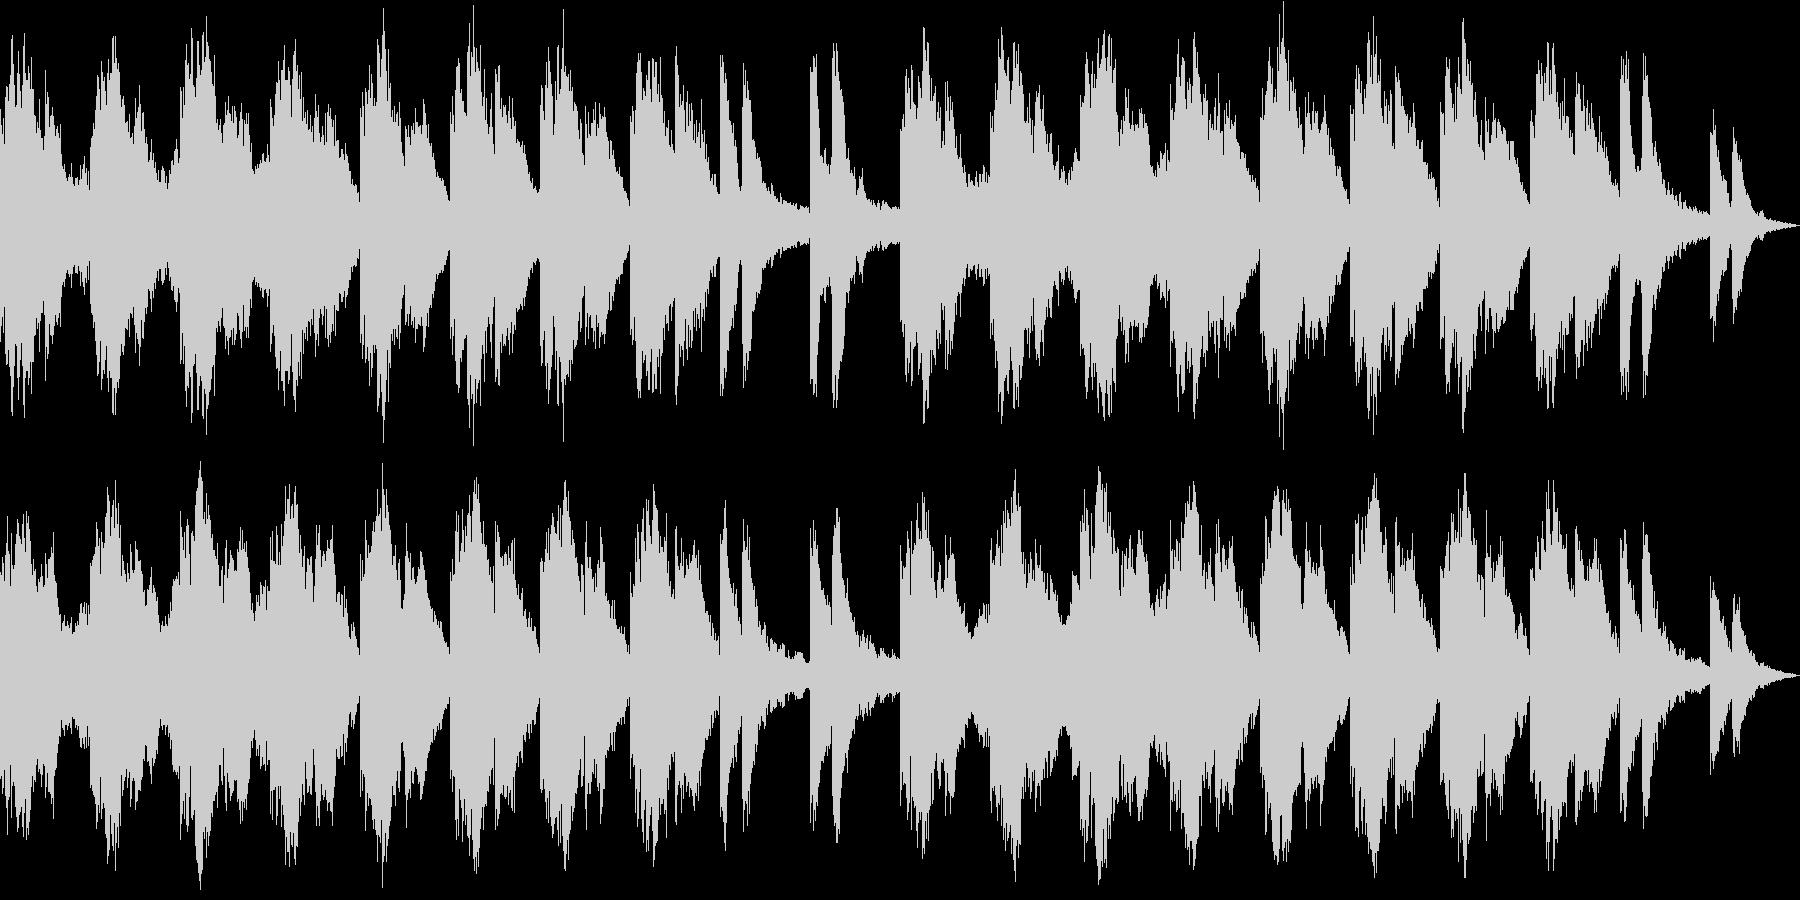 ファンタジーRPGのダンジョンをイメー…の未再生の波形